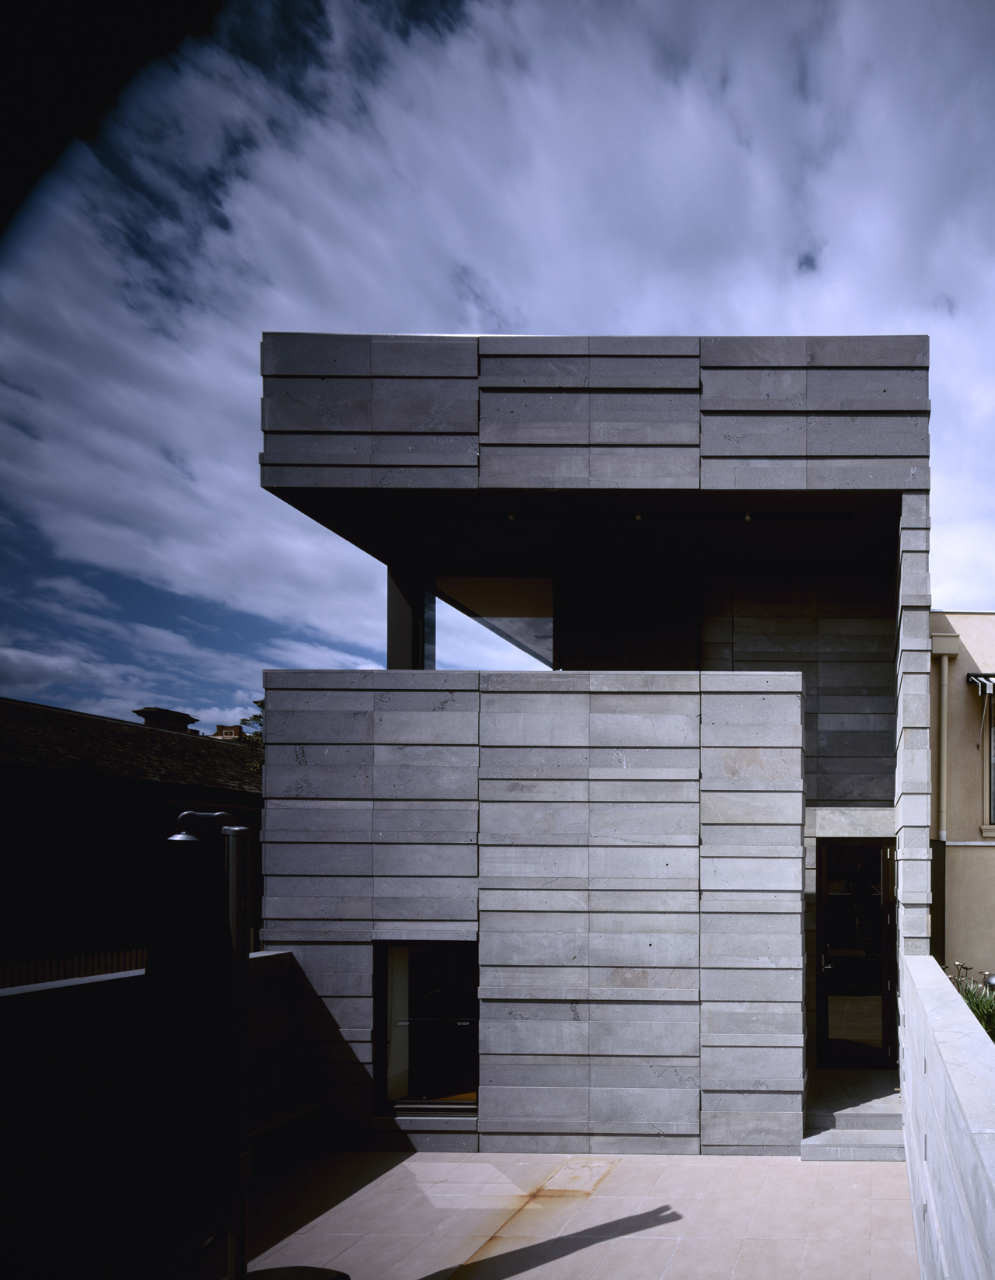 57 Tivoli Road / b.e. Architecture, © Mein Photo